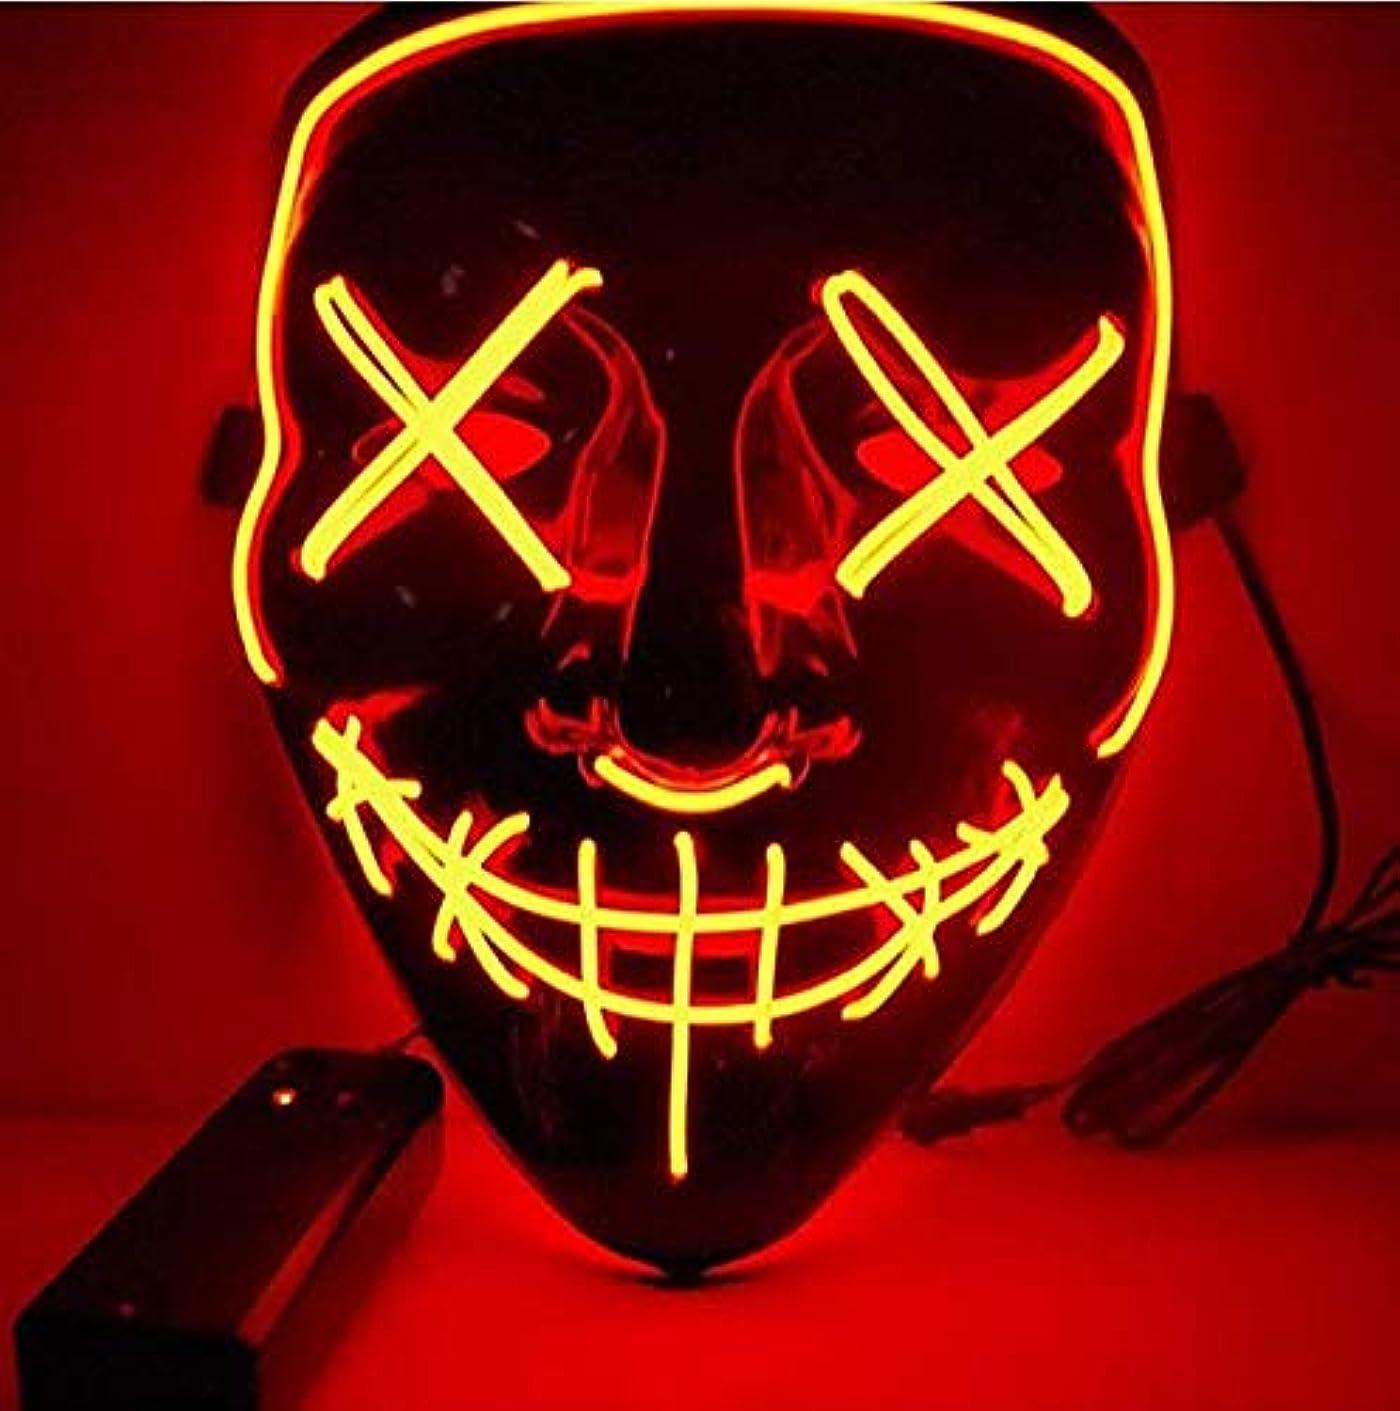 罪ほかに受けるハロウィンマスクLEDライトアップパーティーマスクコスプレコスチュームサプライ暗闇で光る (Color : ROSE RED)